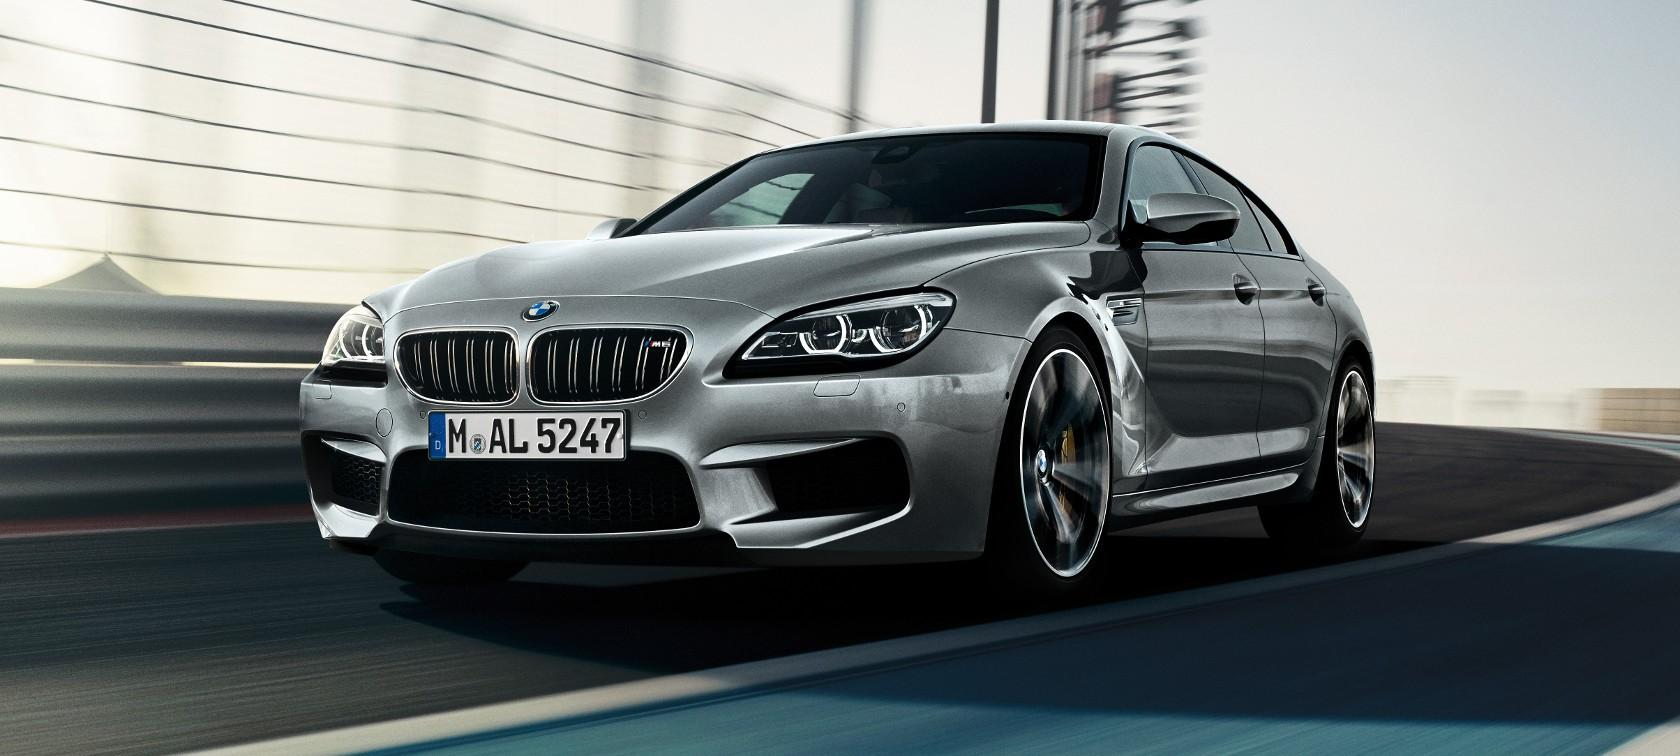 BMW M6 (104.119 dollari)